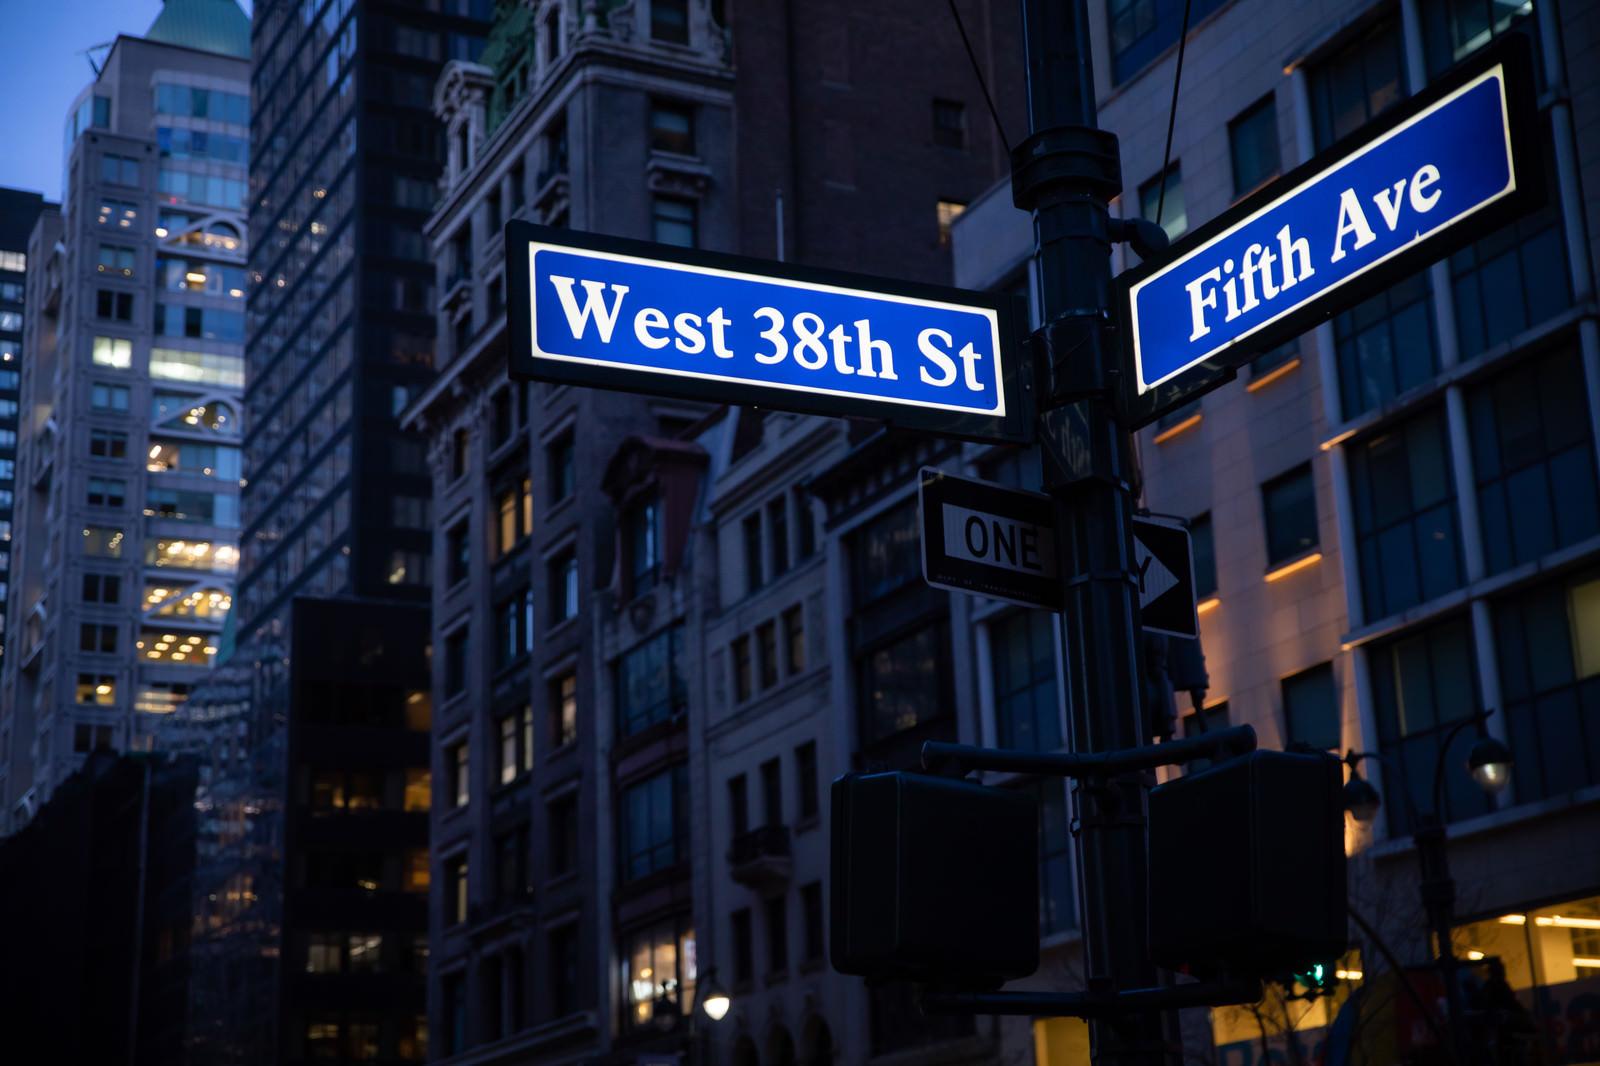 「ニューヨークの街並みとストリートサイン」の写真